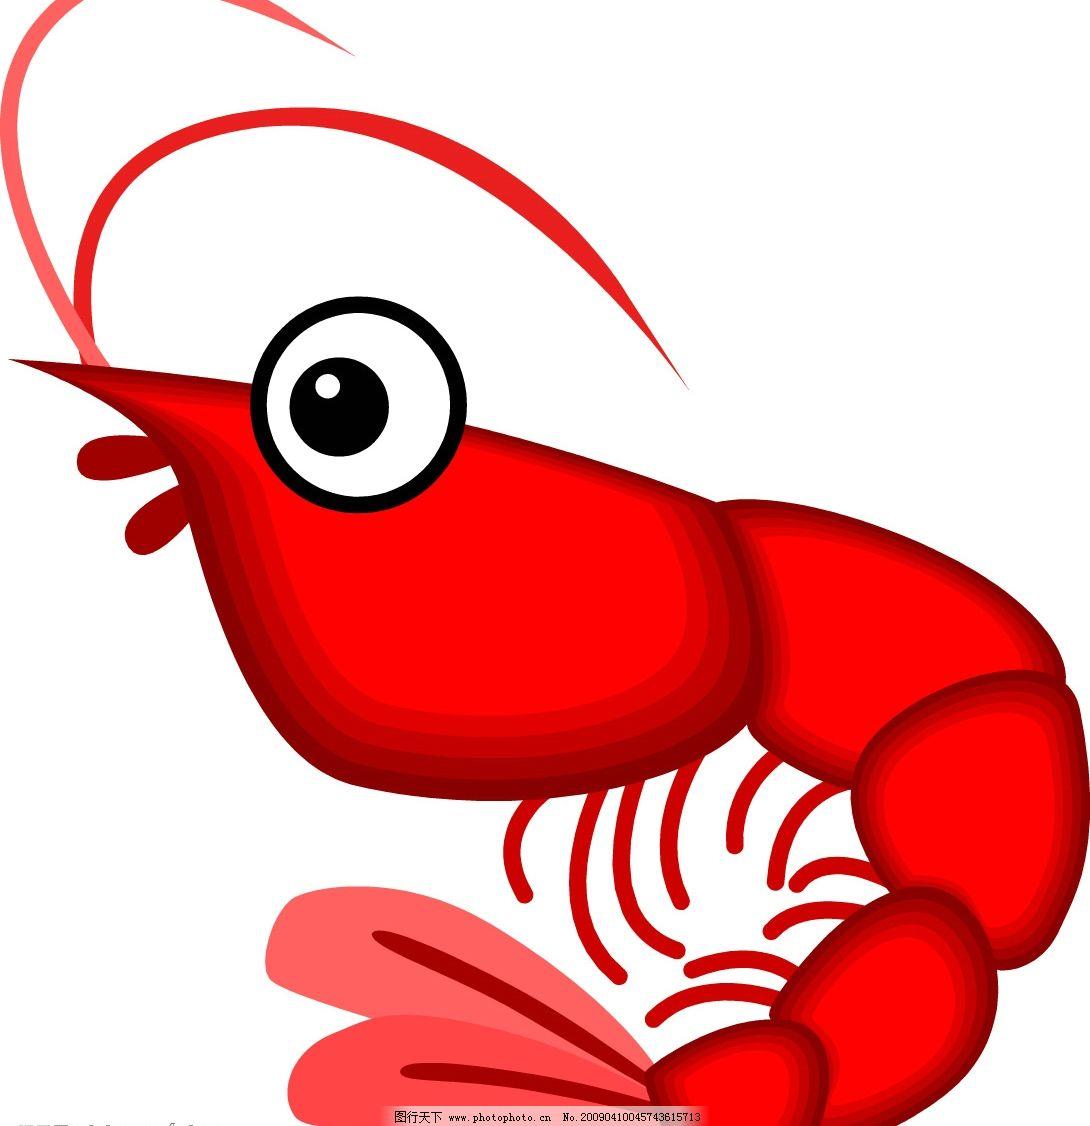 水产海鲜 水产 海鲜 虾米 海虾 河虾 矢量 鱼类 贝类 龙虾 螃蟹 食材